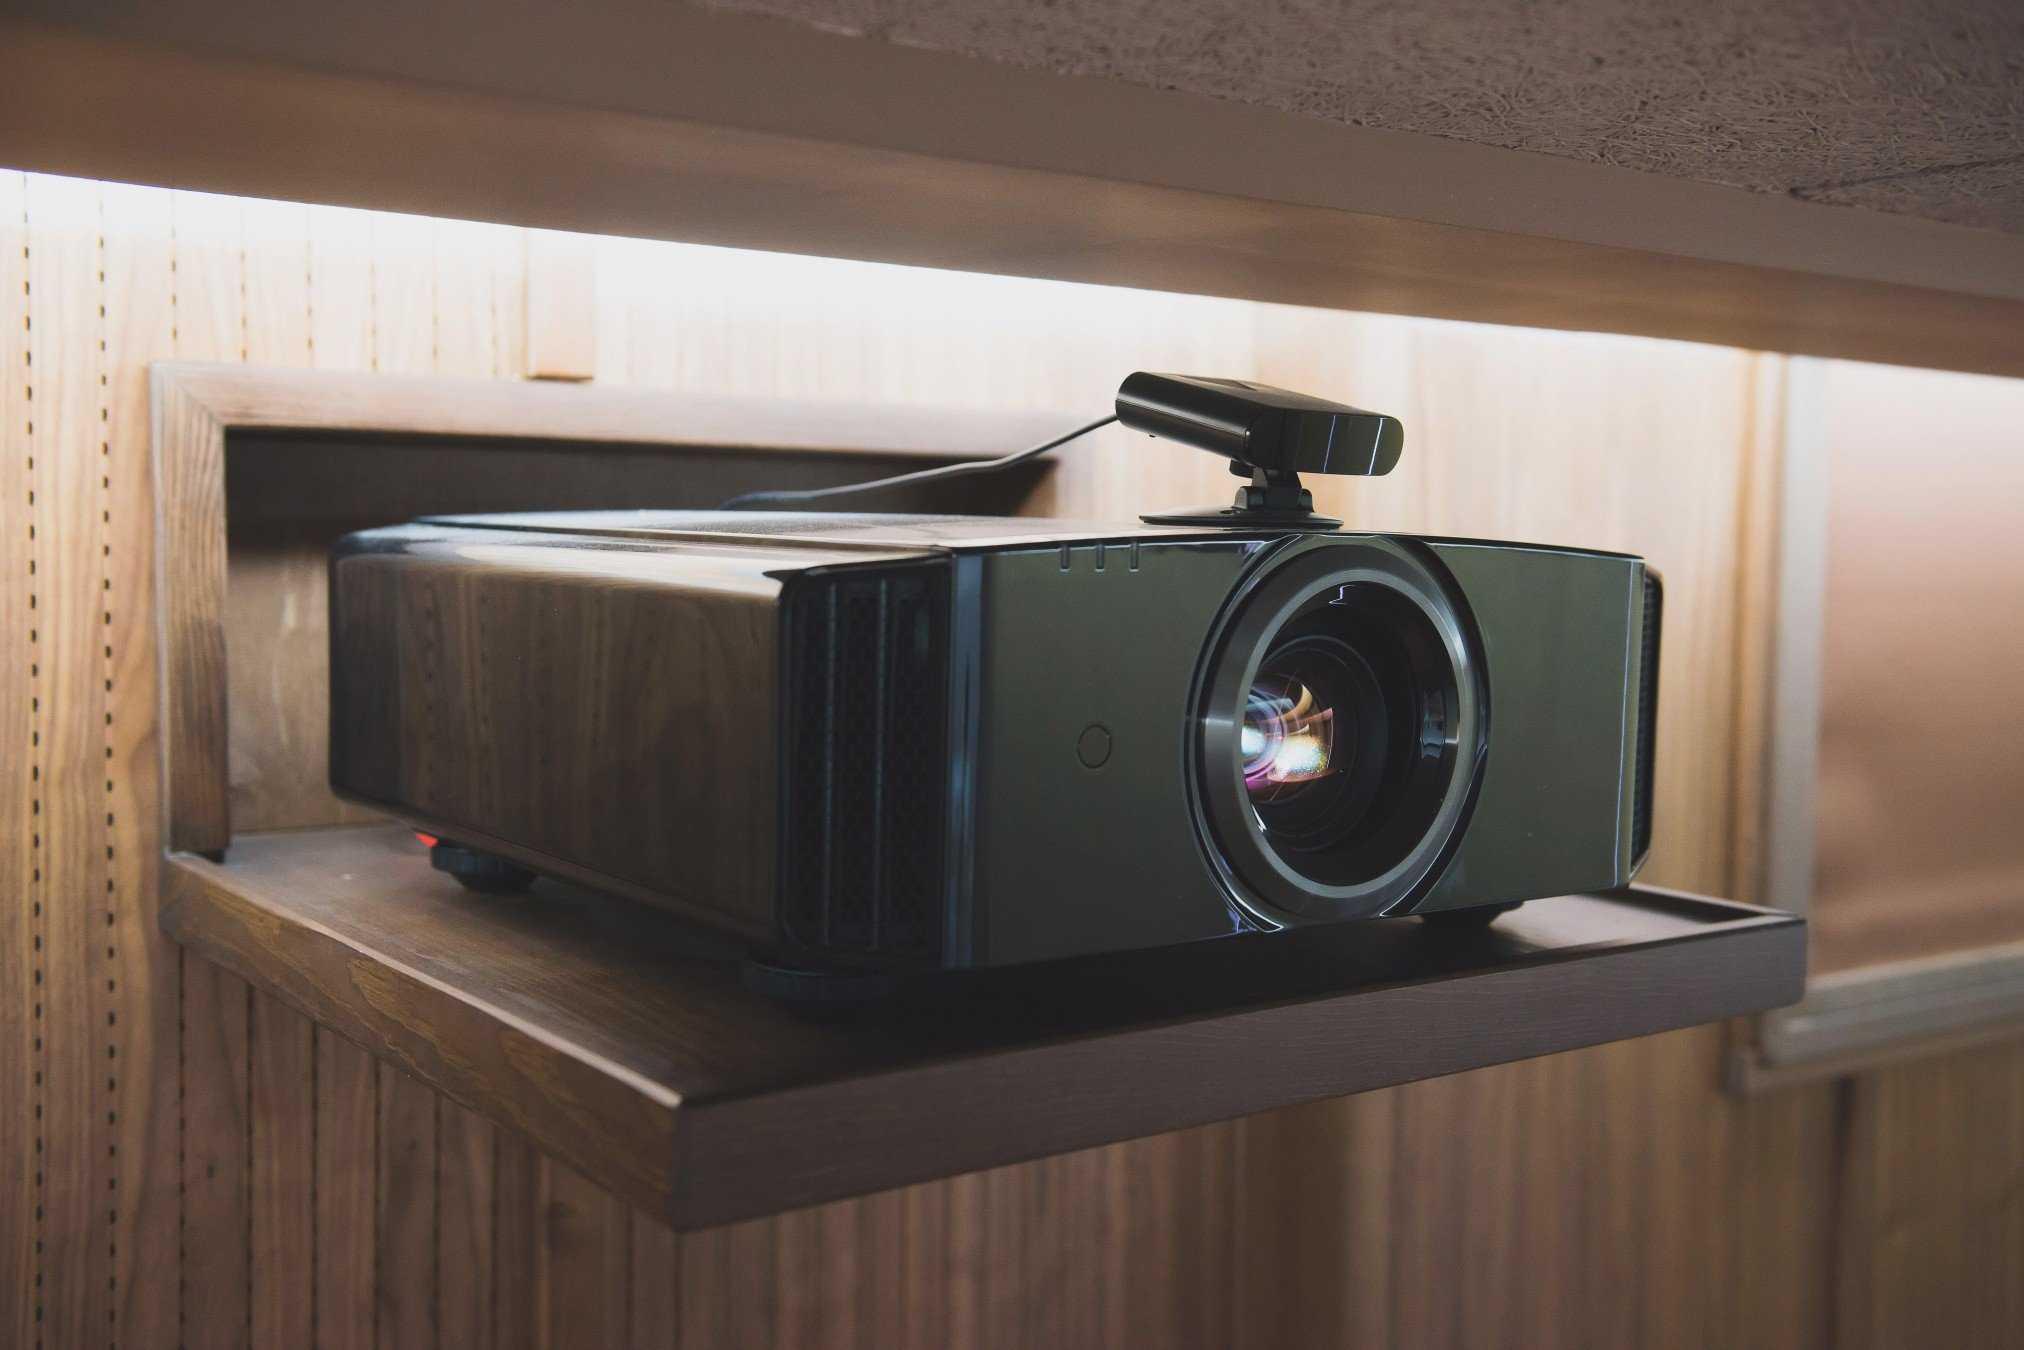 Топ лучших проекторов 2020 года: новинки от бюджетных до дорогих